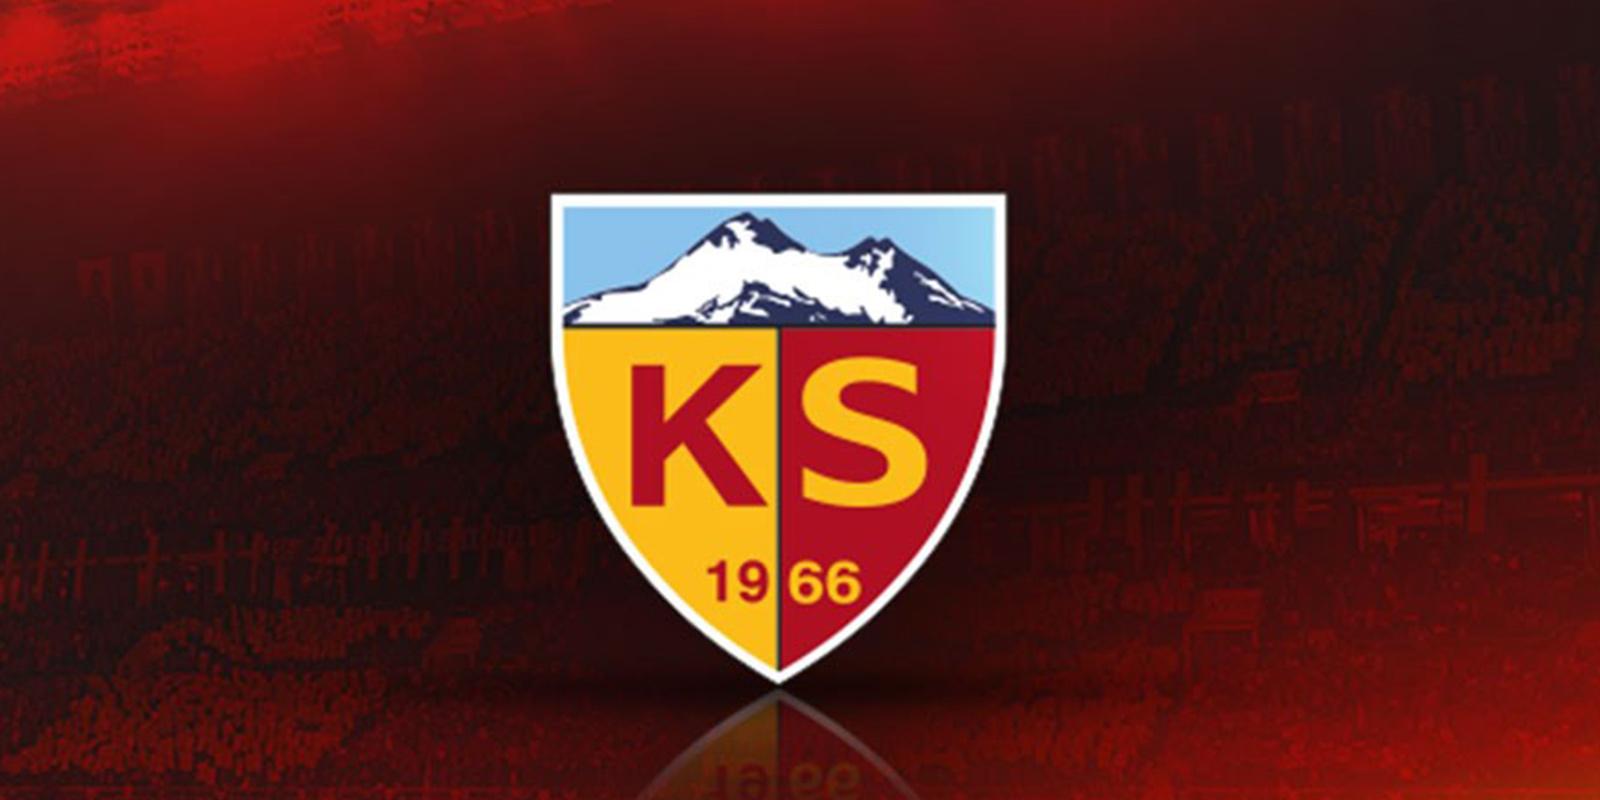 Hes Kablo Kayserispor Kulübü'nden flaş açıklama: Suç duyurusunda bulunulmuştur